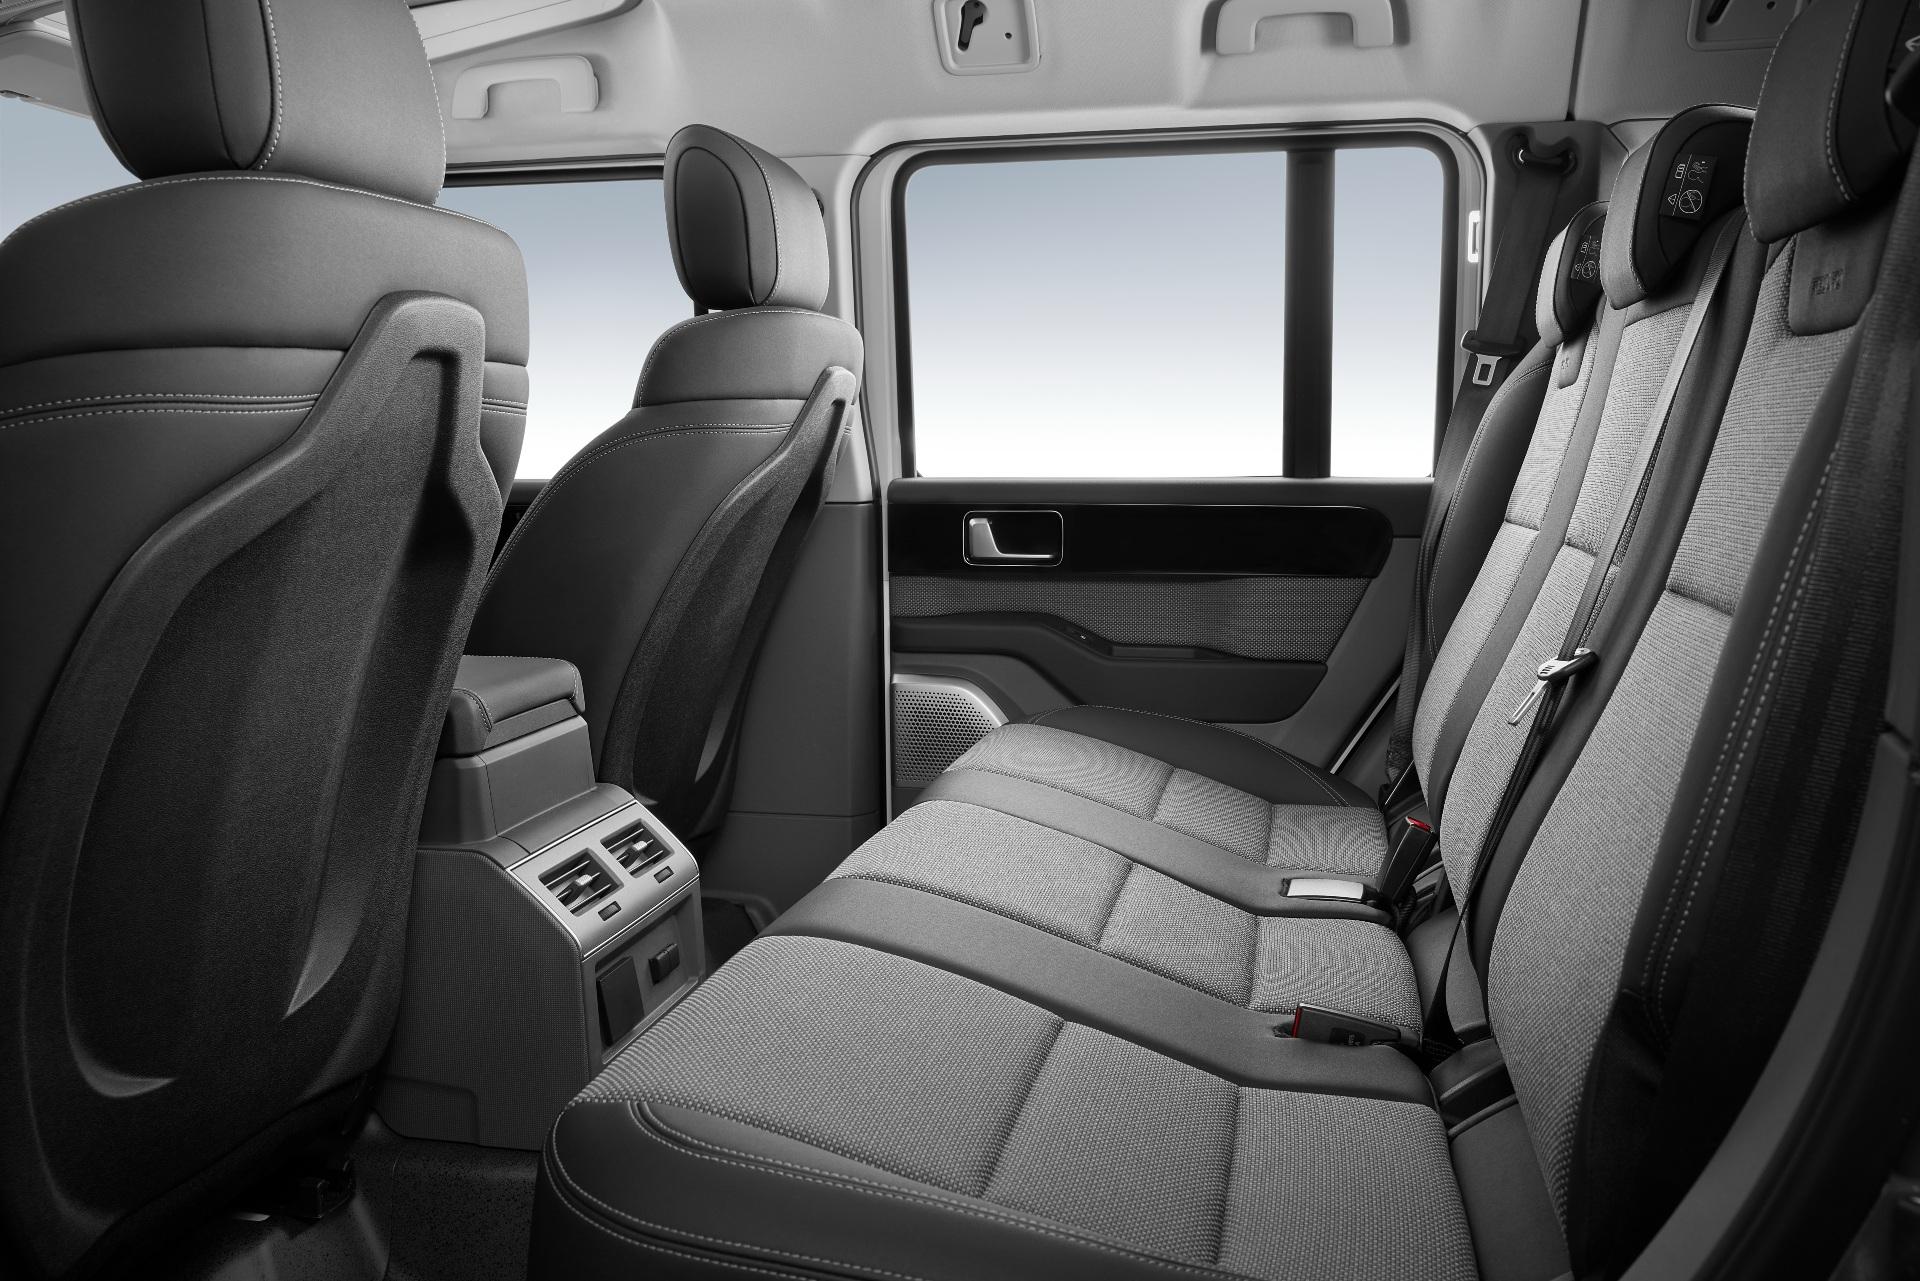 Ineos Grenadier interior rear seat